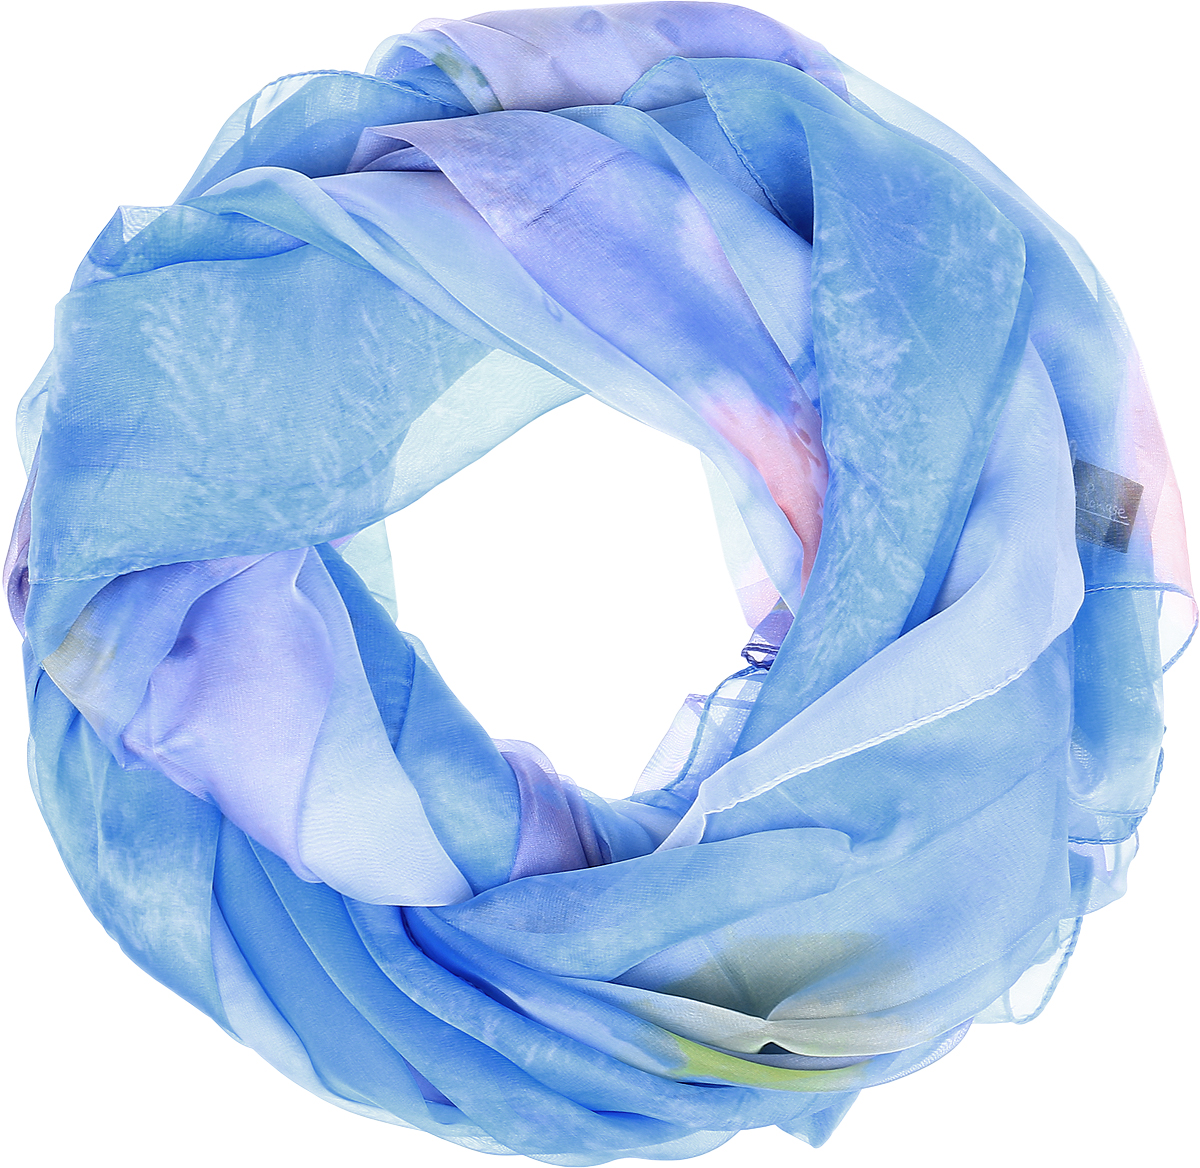 Палантин Sophie Ramage, цвет: голубой, мультицвет. QA-11729-4. Размер 145 см х 180 смQA-11729-4Палантин от Sophie Ramage изготовлен из шелка с добавлением полиэстера, оформлен акварельным принтом. Кромка обработана подгибкой.